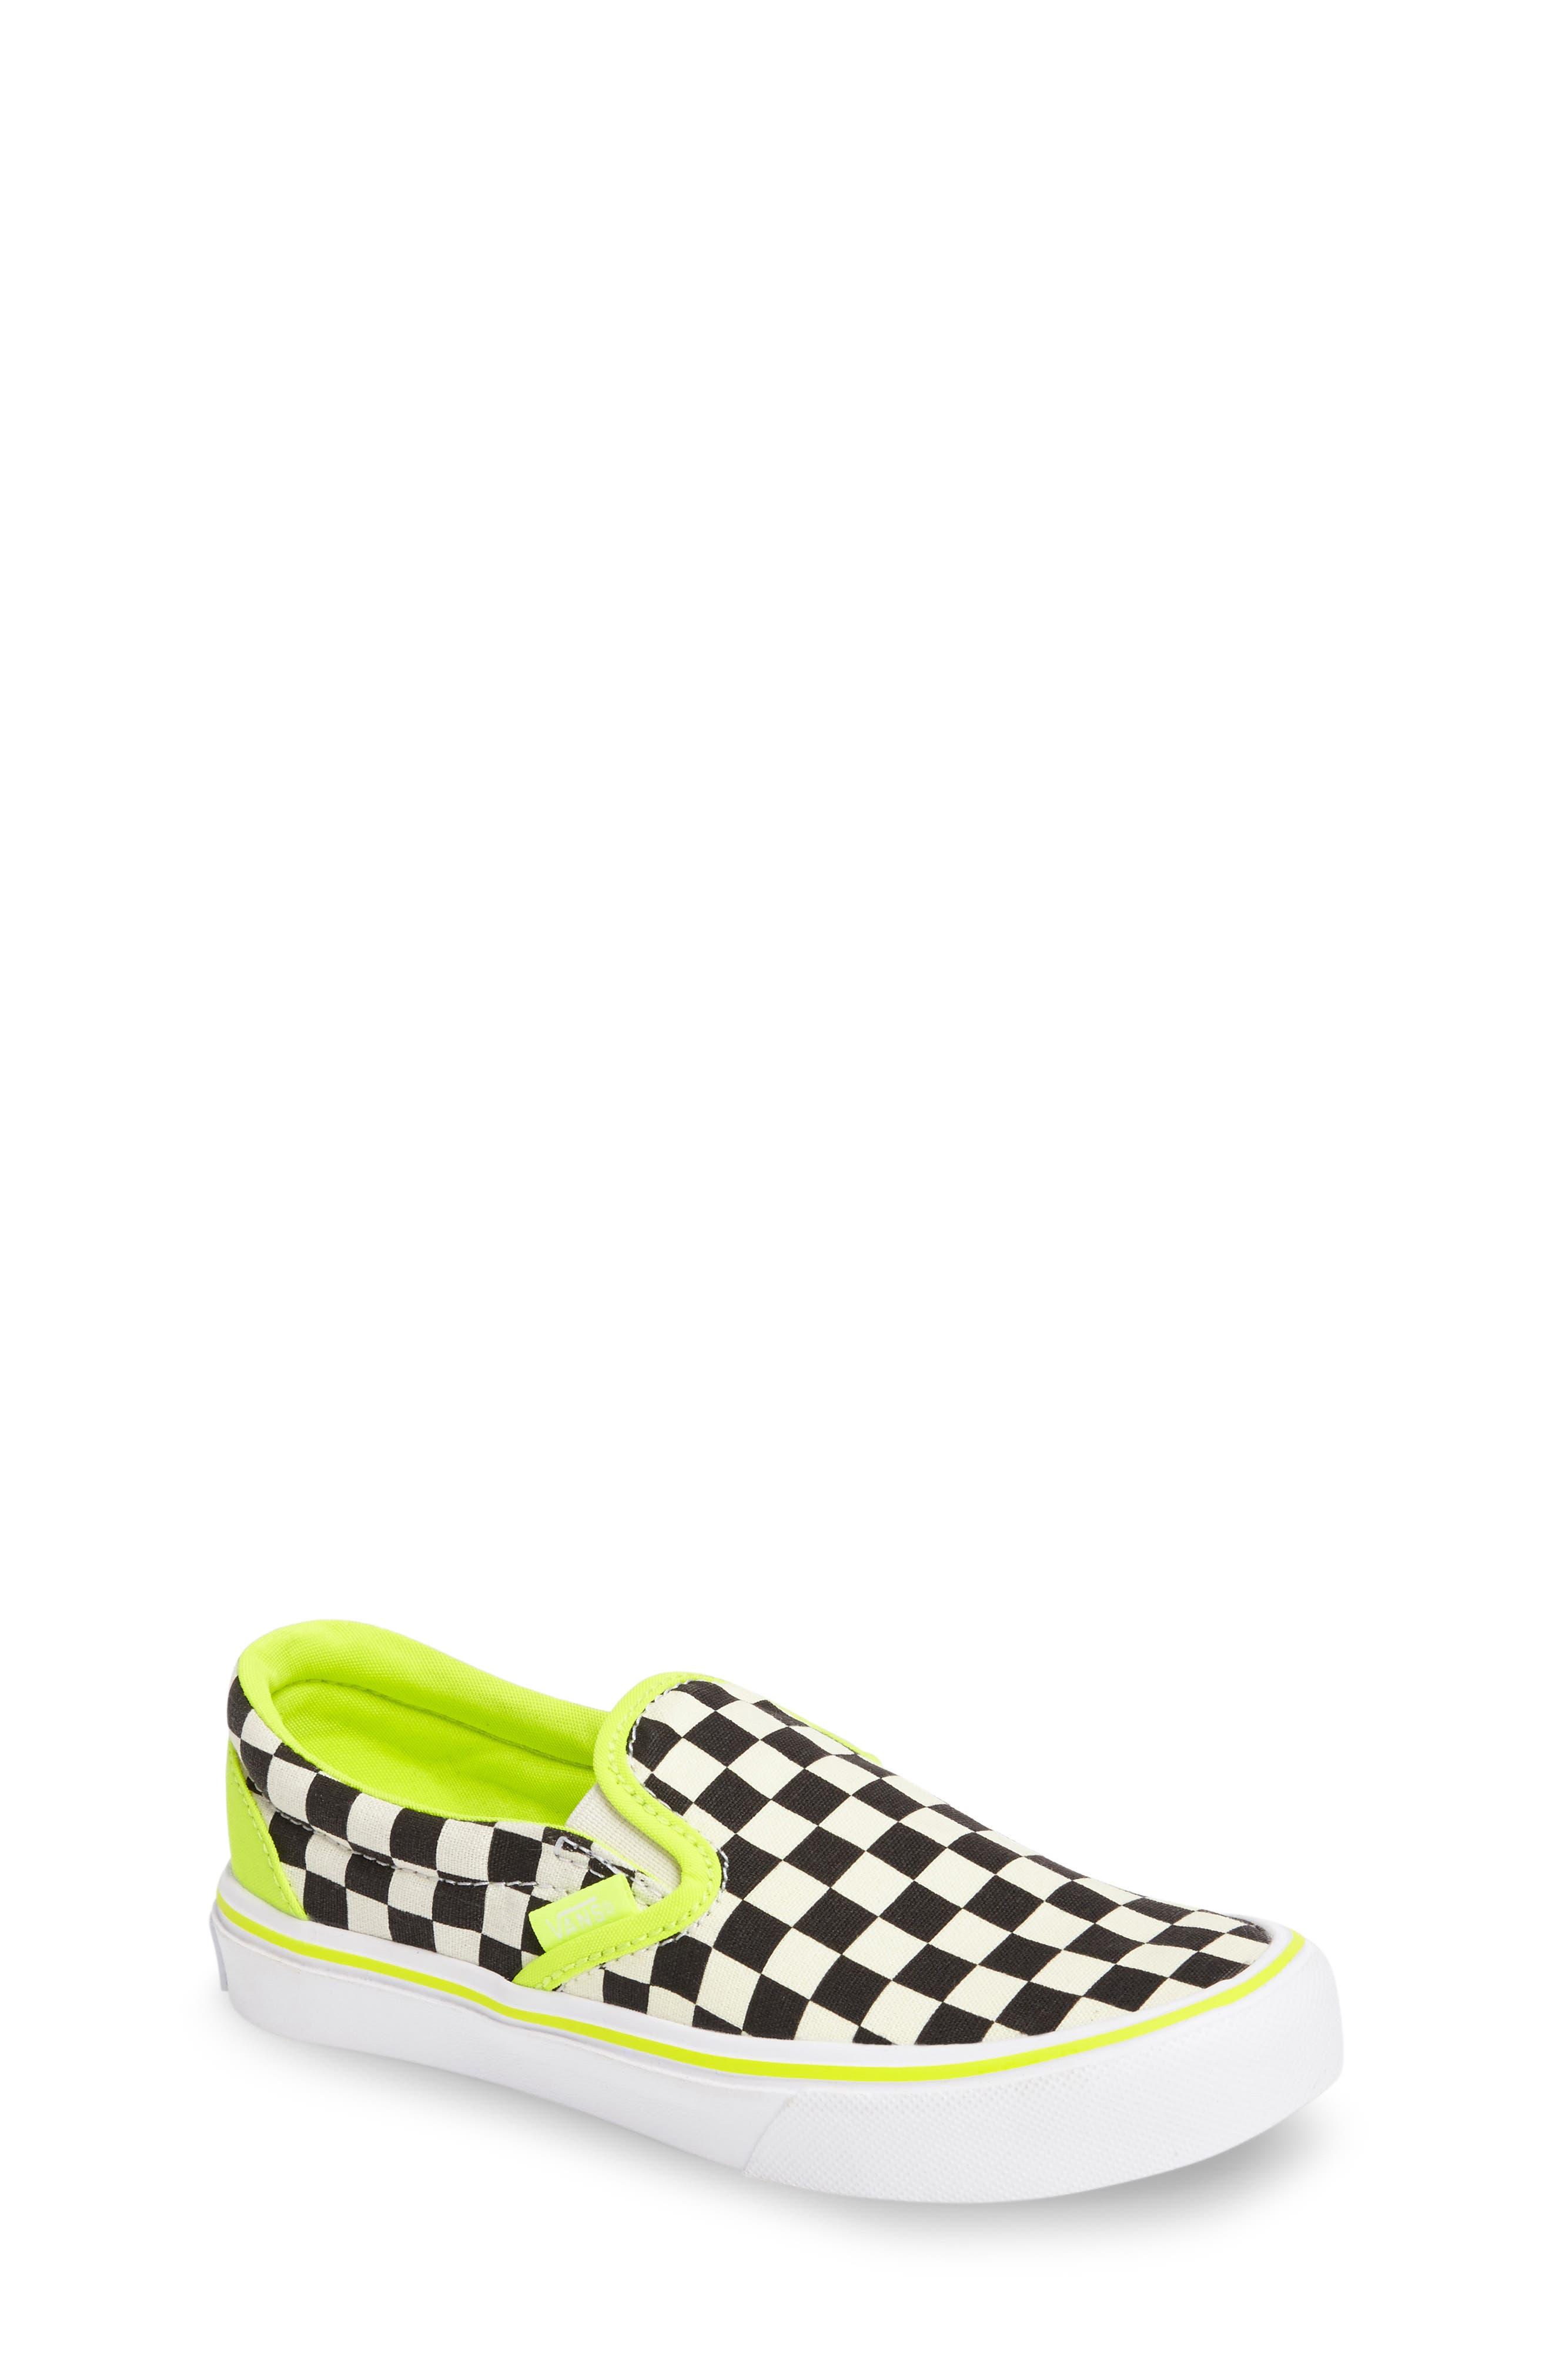 Classic Freshness Slip-On Lite Sneaker,                             Main thumbnail 1, color,                             001